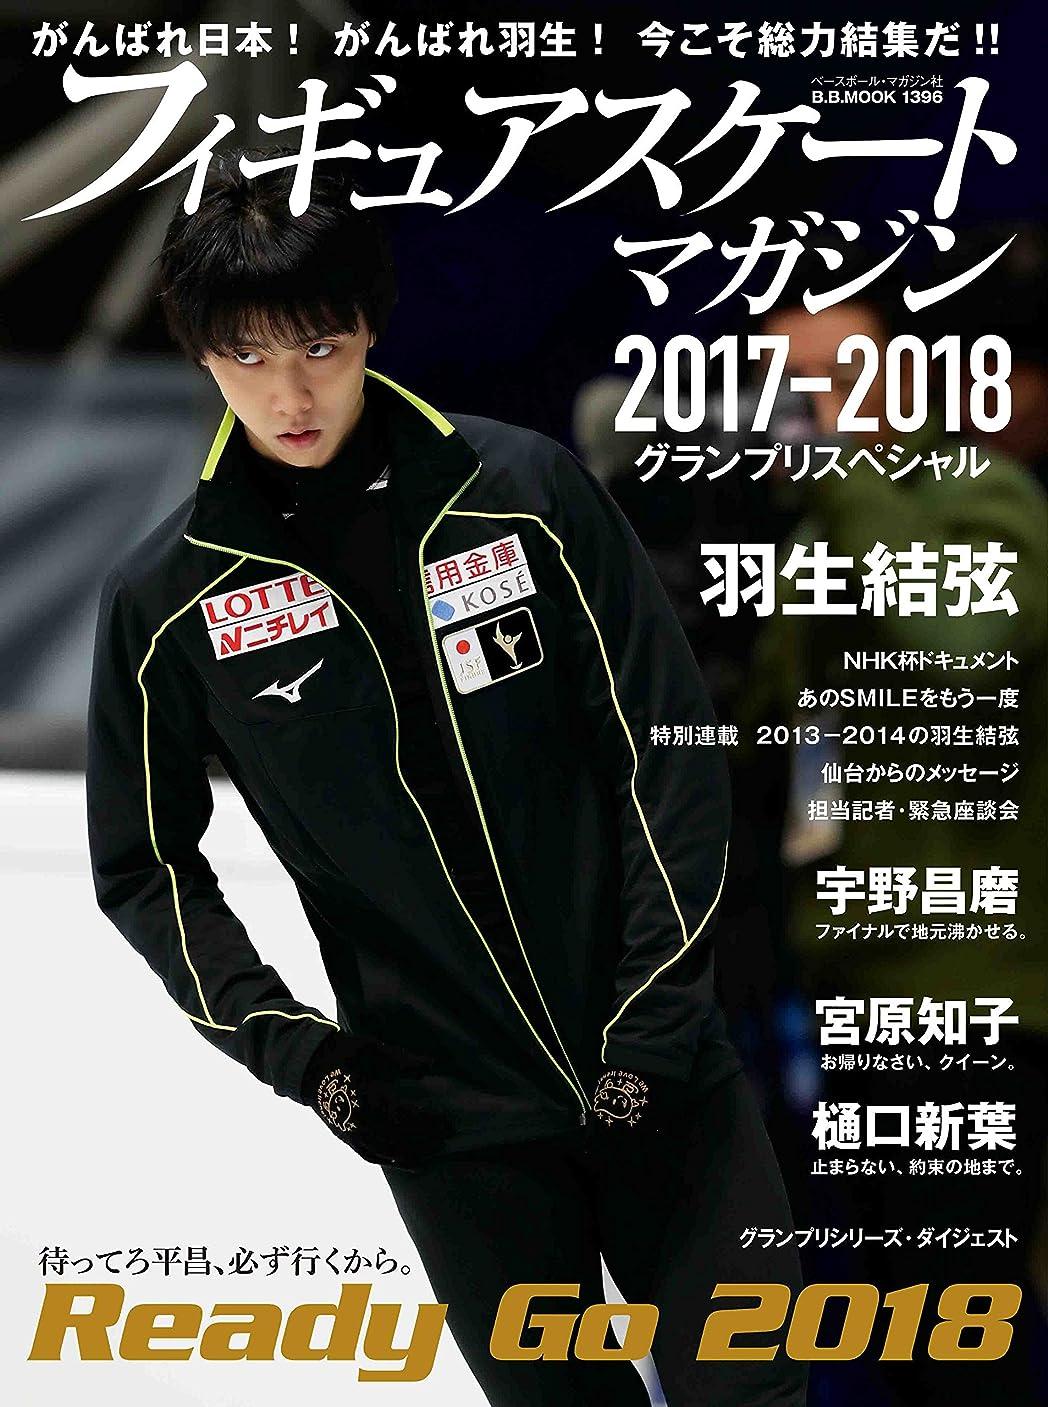 振る舞い品自我B.B.MOOK1396 フィギュアスケート?マガジン2017-2018 グランプリスペシャル